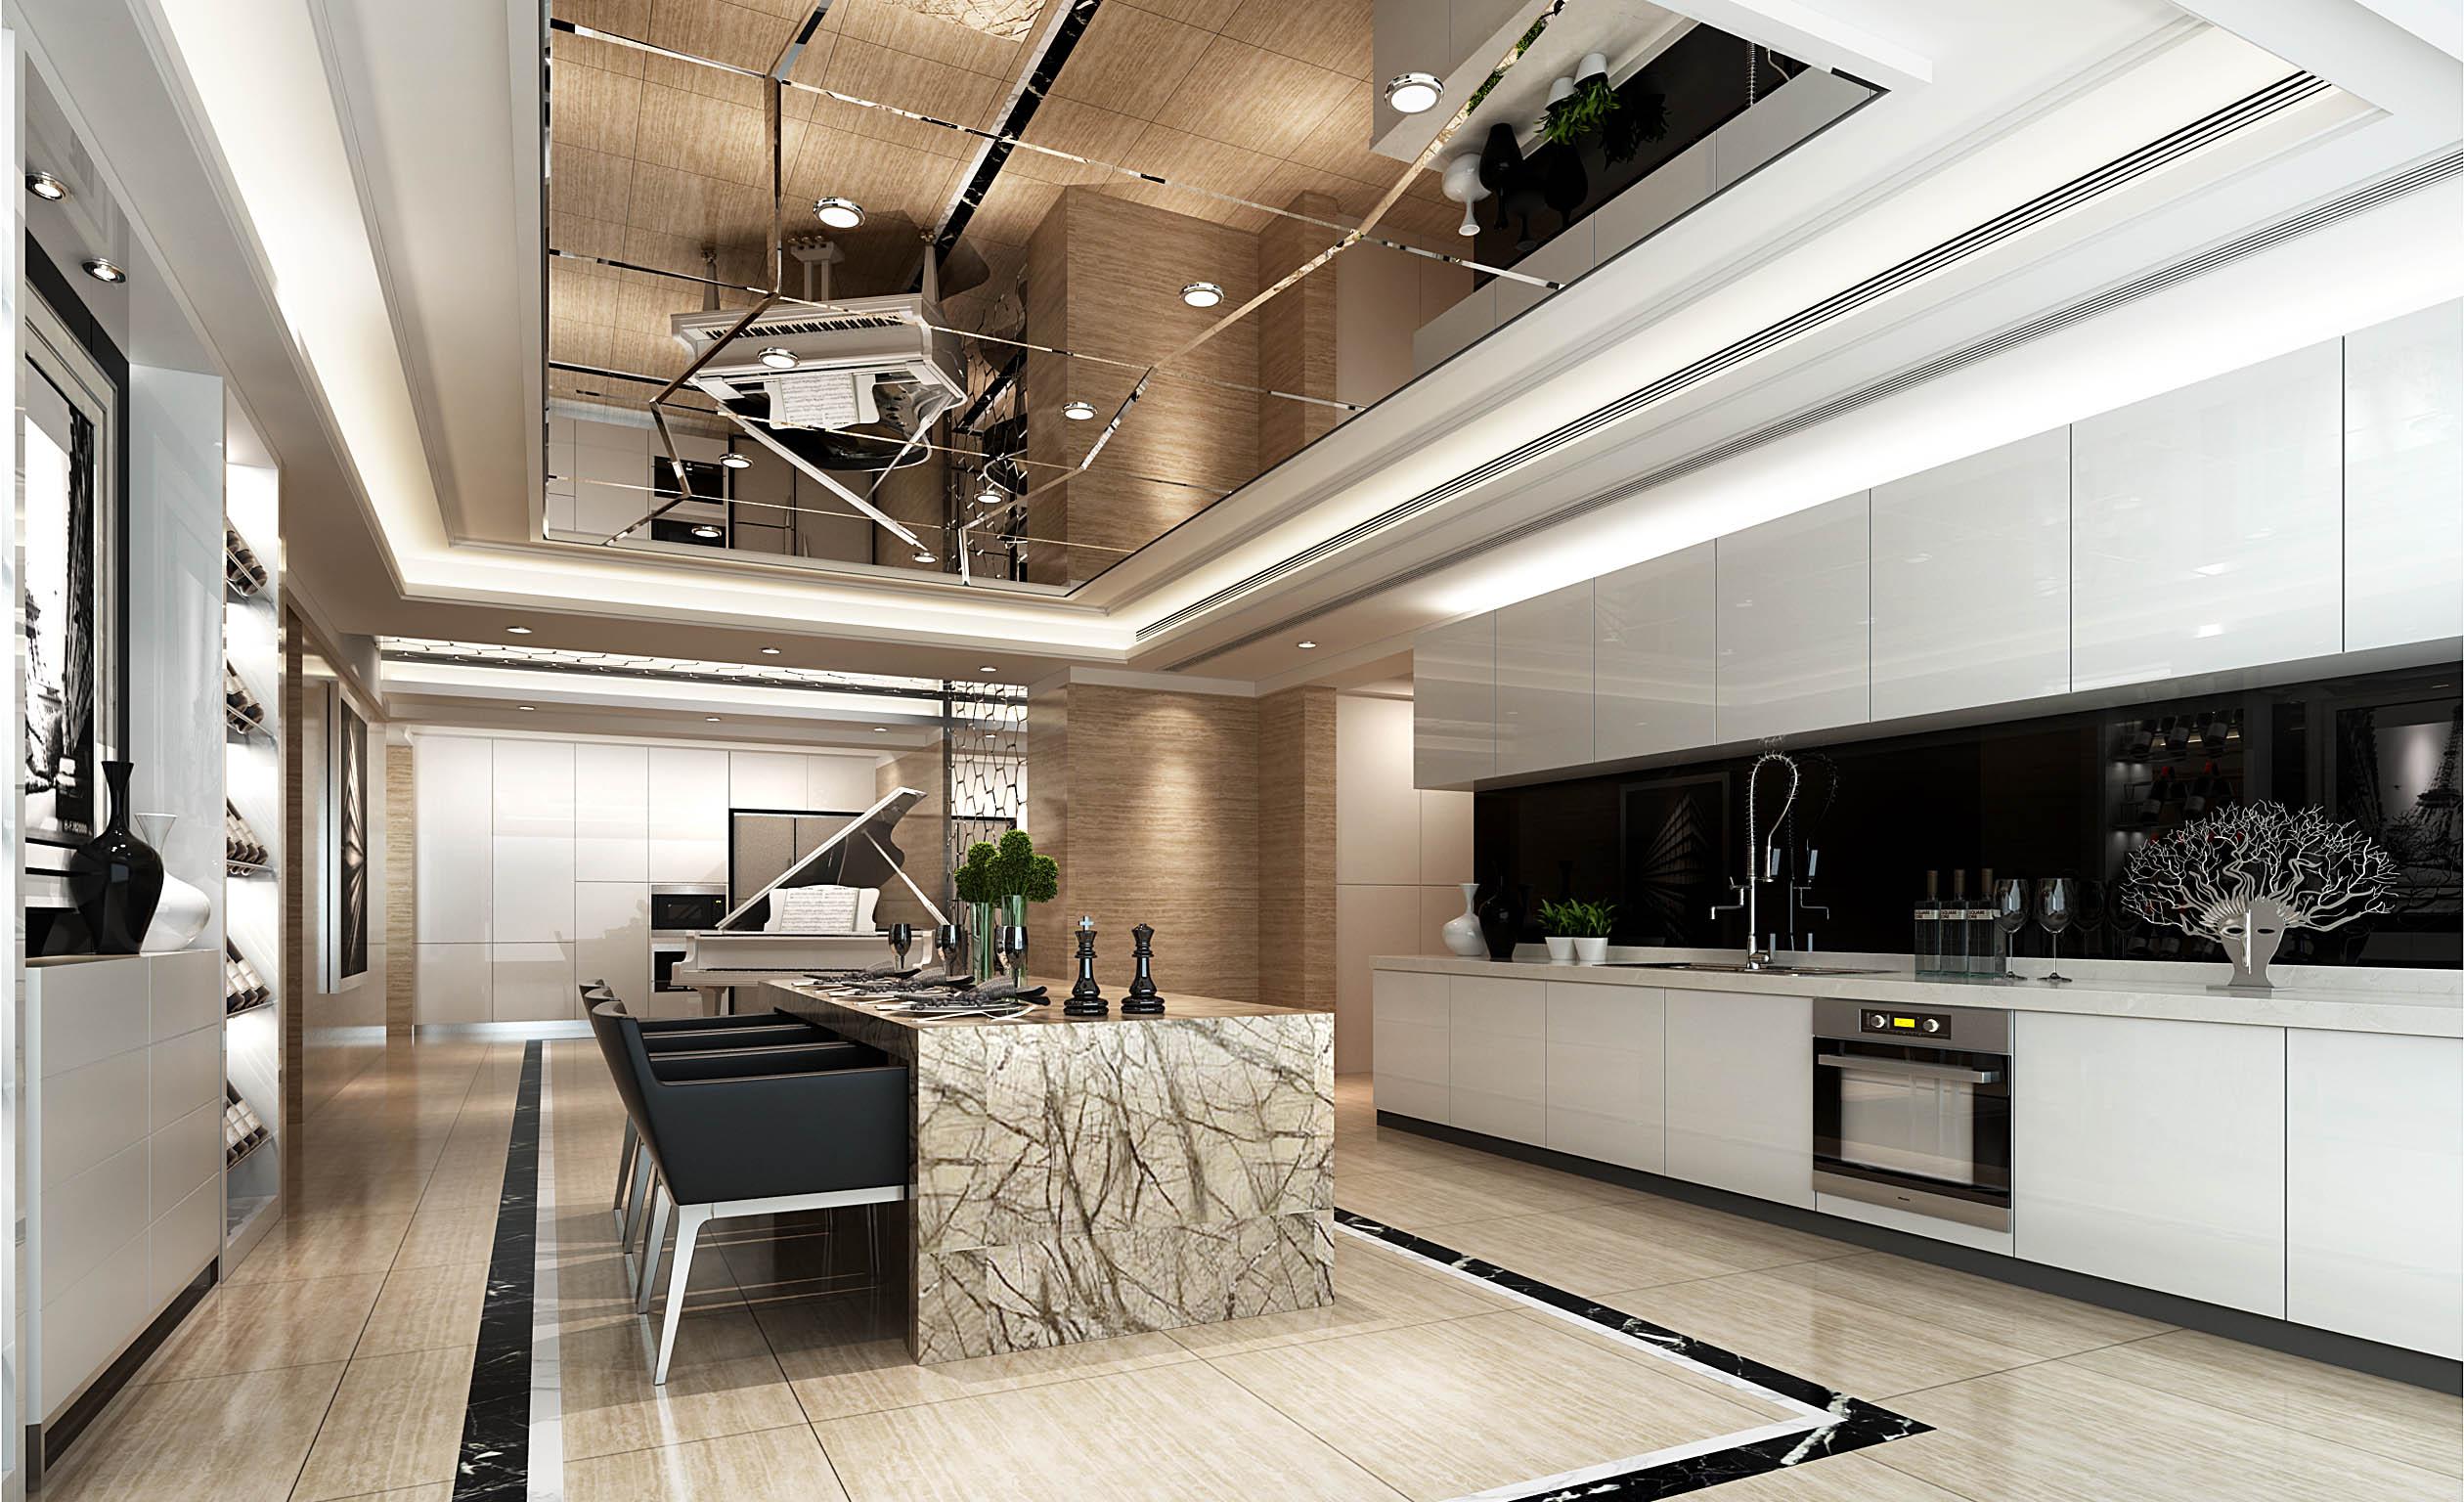 开放式厨房 镜面吊顶 吧台图片来自几墨空间设计在几墨设计 | 摩登未来的分享